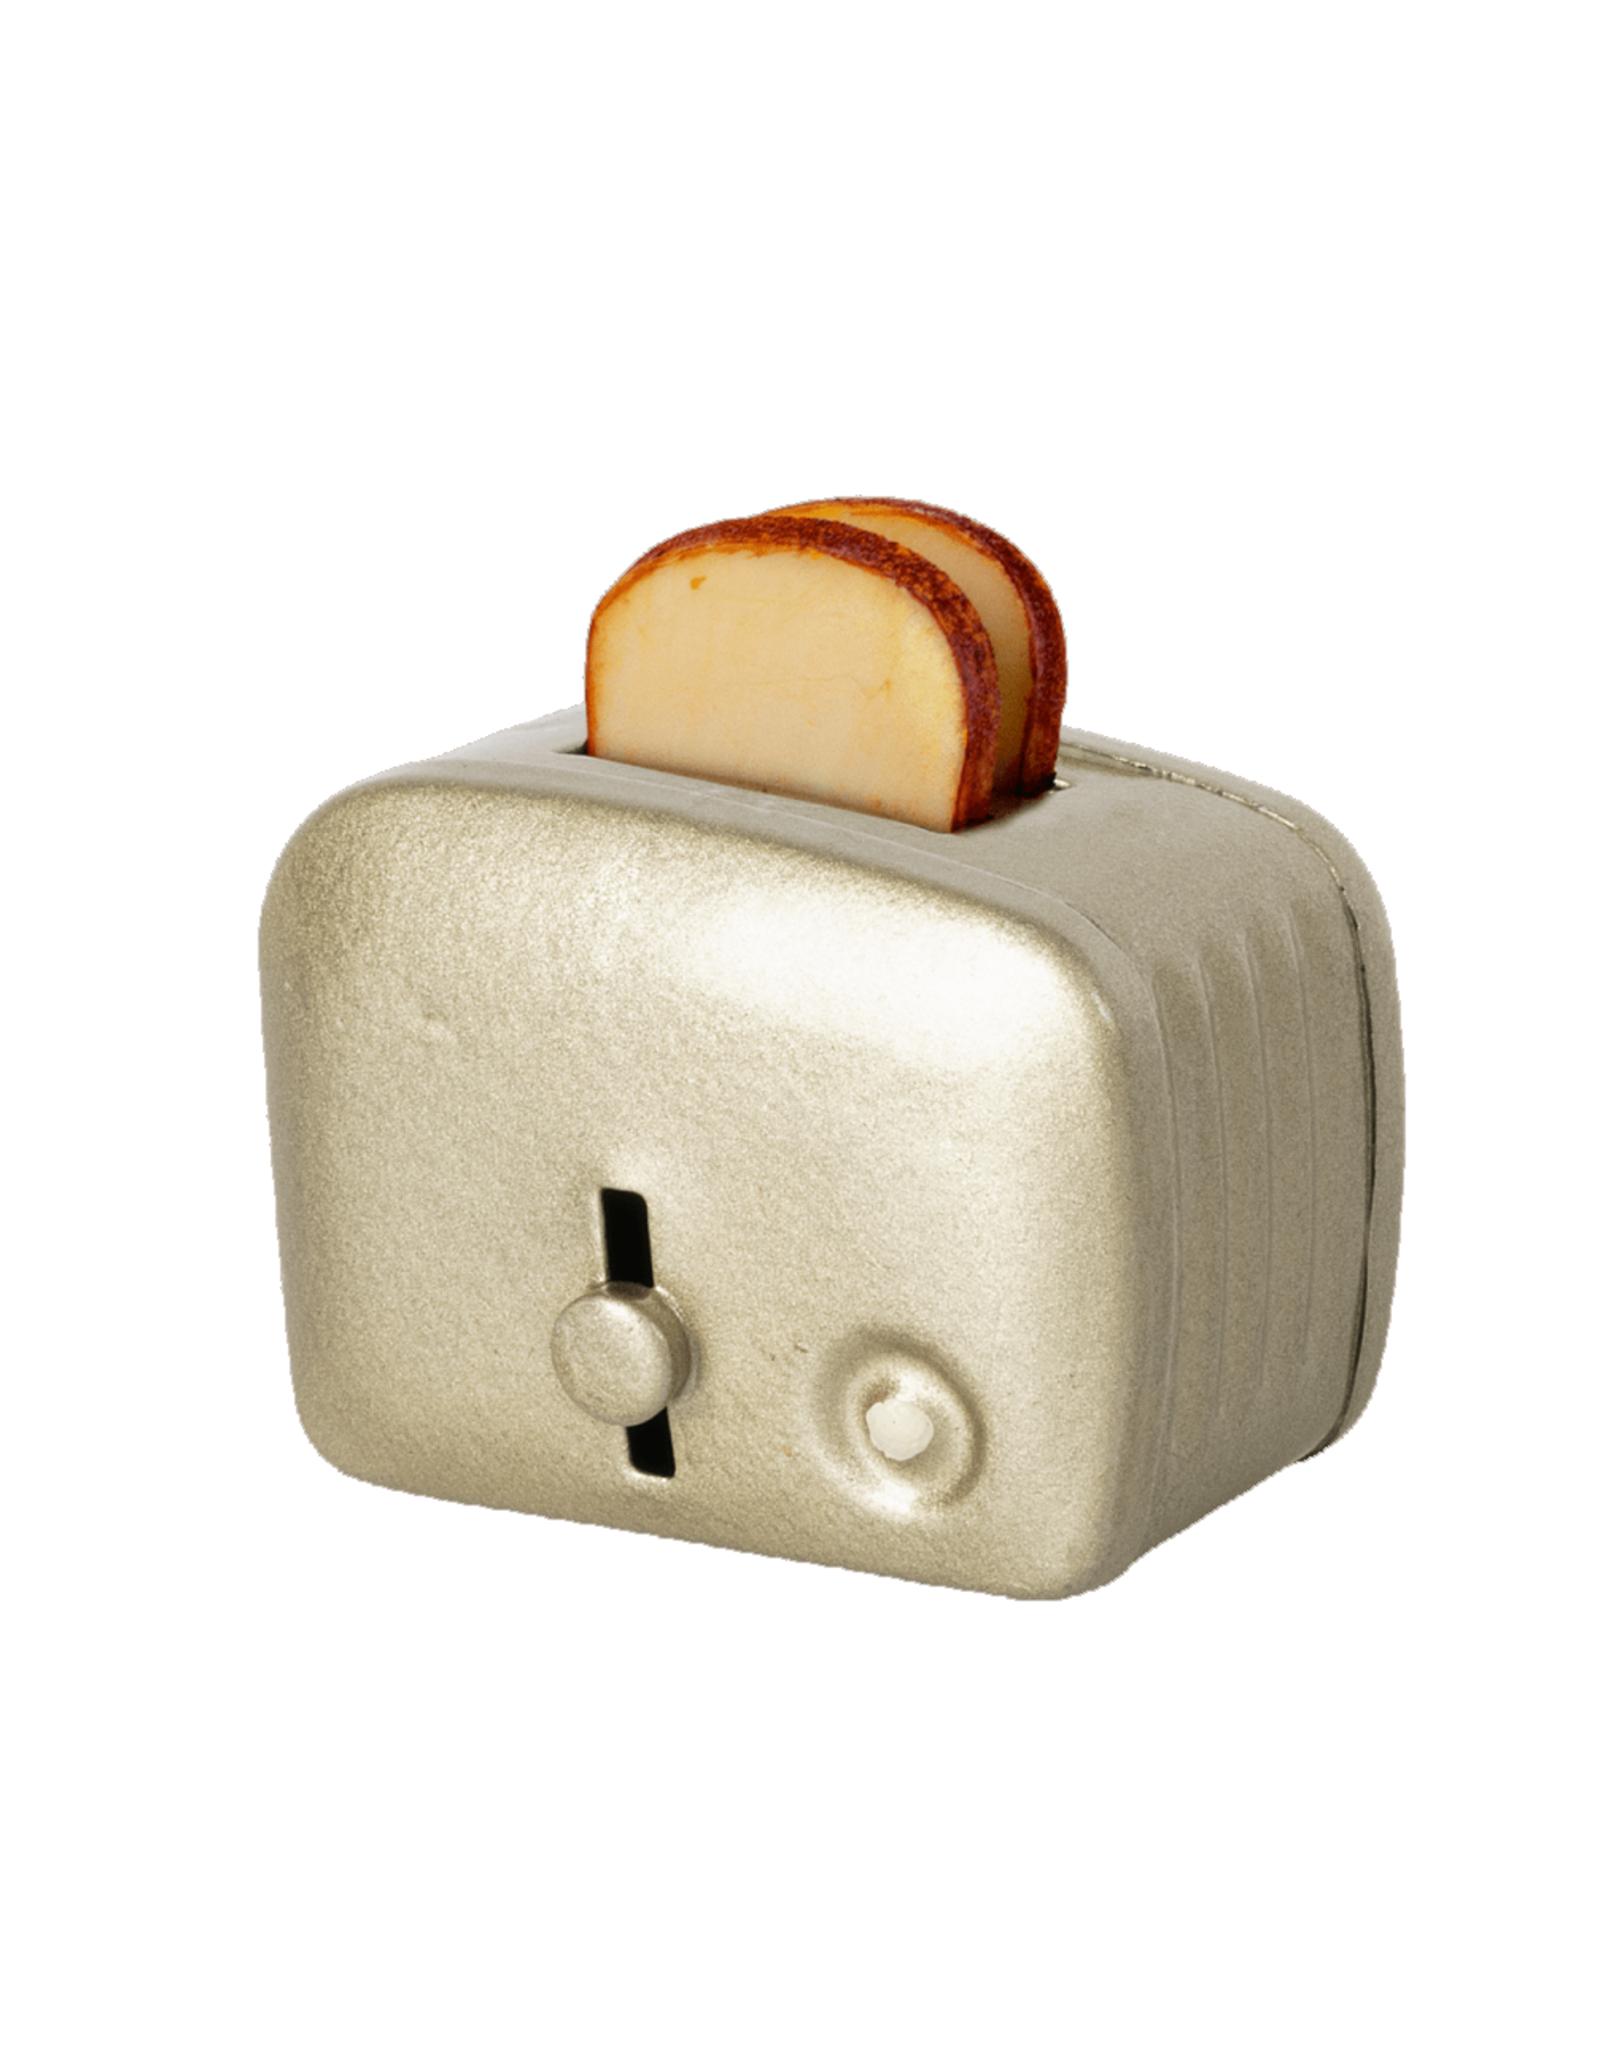 Maileg Miniature Toaster + Toast - Silver